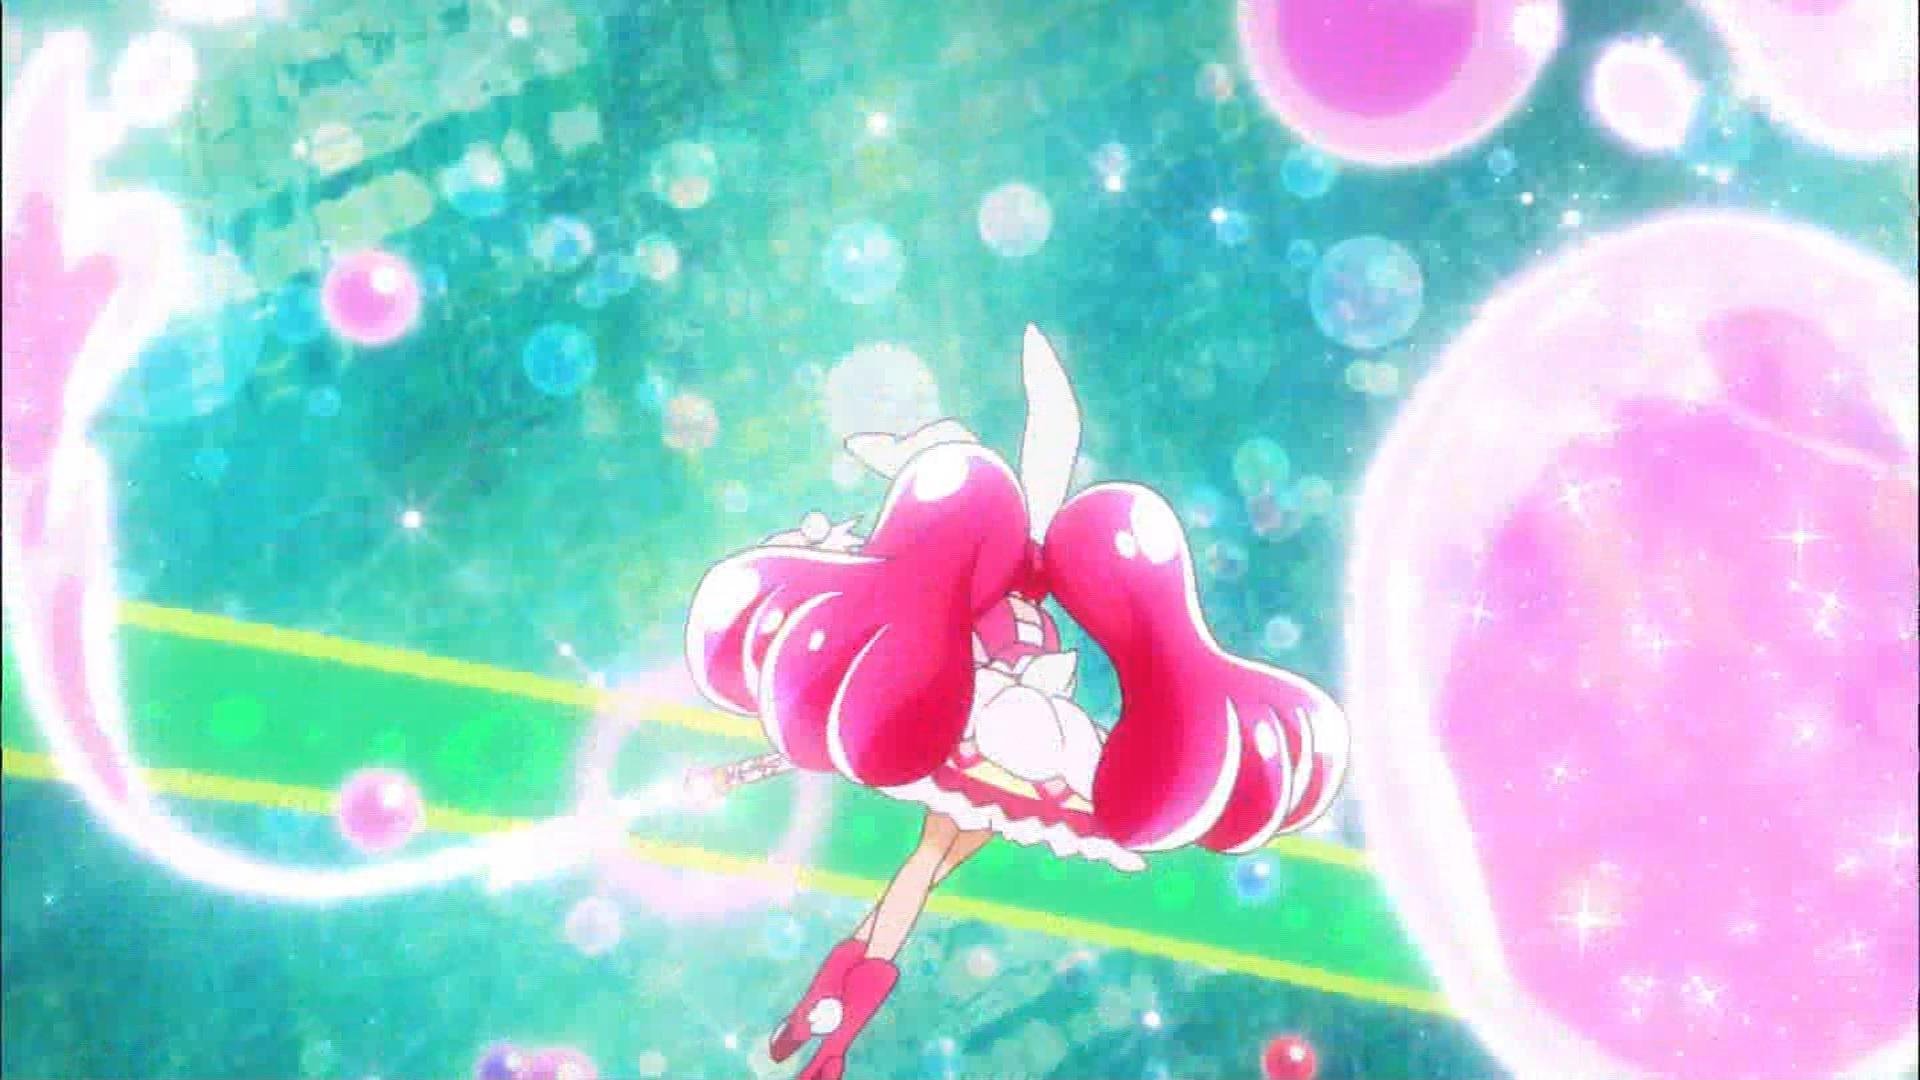 キュアホイップのキャンディロッドバンクシーン(キラキラプリキュアアラモード11話画像)